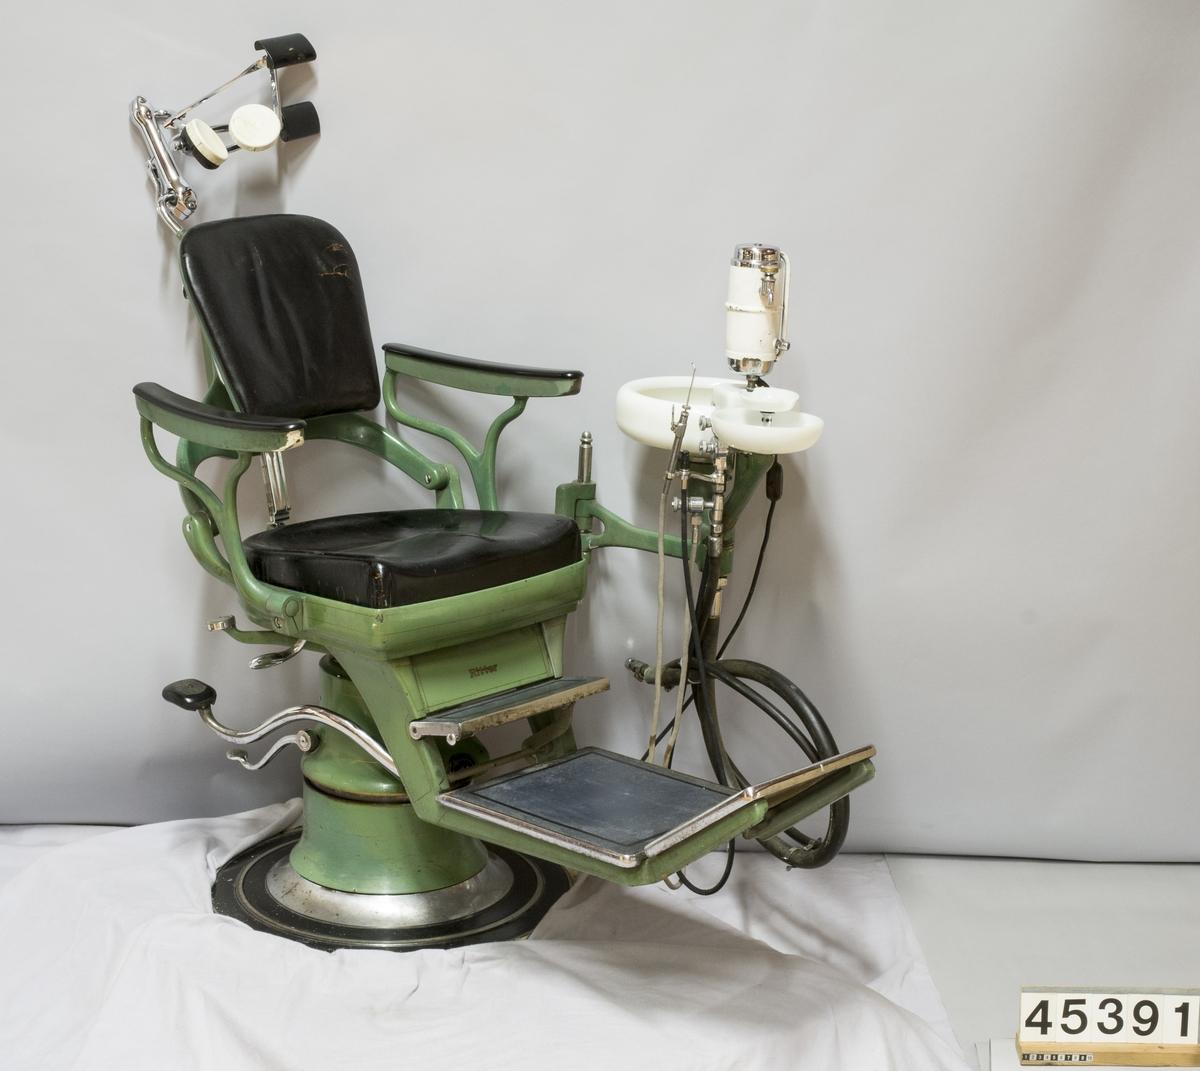 Behandlingsstol med ställbart nackstöd och fotstöd. Sits av läder, armstöd av syntematerial, gummibelagt fotstöd. Armstöd för tandläkaren. Stolen är höj och sänkbar med hjälp av pedaler. På en arm sitter en sköljkopp i glasmaterial för anslutning till vattenledningssystem. Lackerad i en grön nyans som var typisk för denna tillverkare.